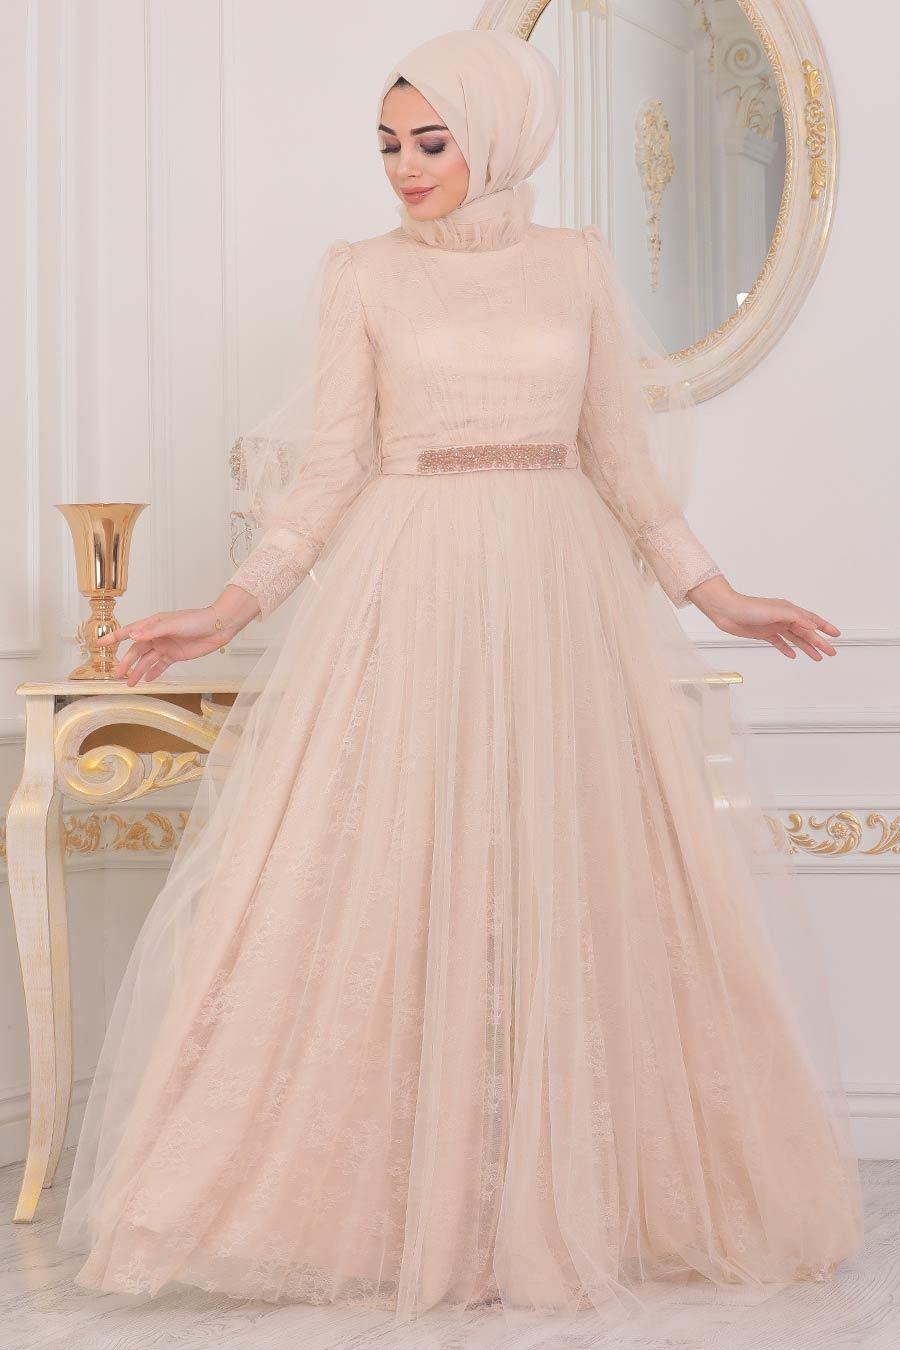 Tesetturlu Abiye Elbise Dantel Islemeli Bej Tesettur Abiye Elbise 40440bej Tesetturisland Com 2020 The Dress Musluman Modasi Aksamustu Giysileri